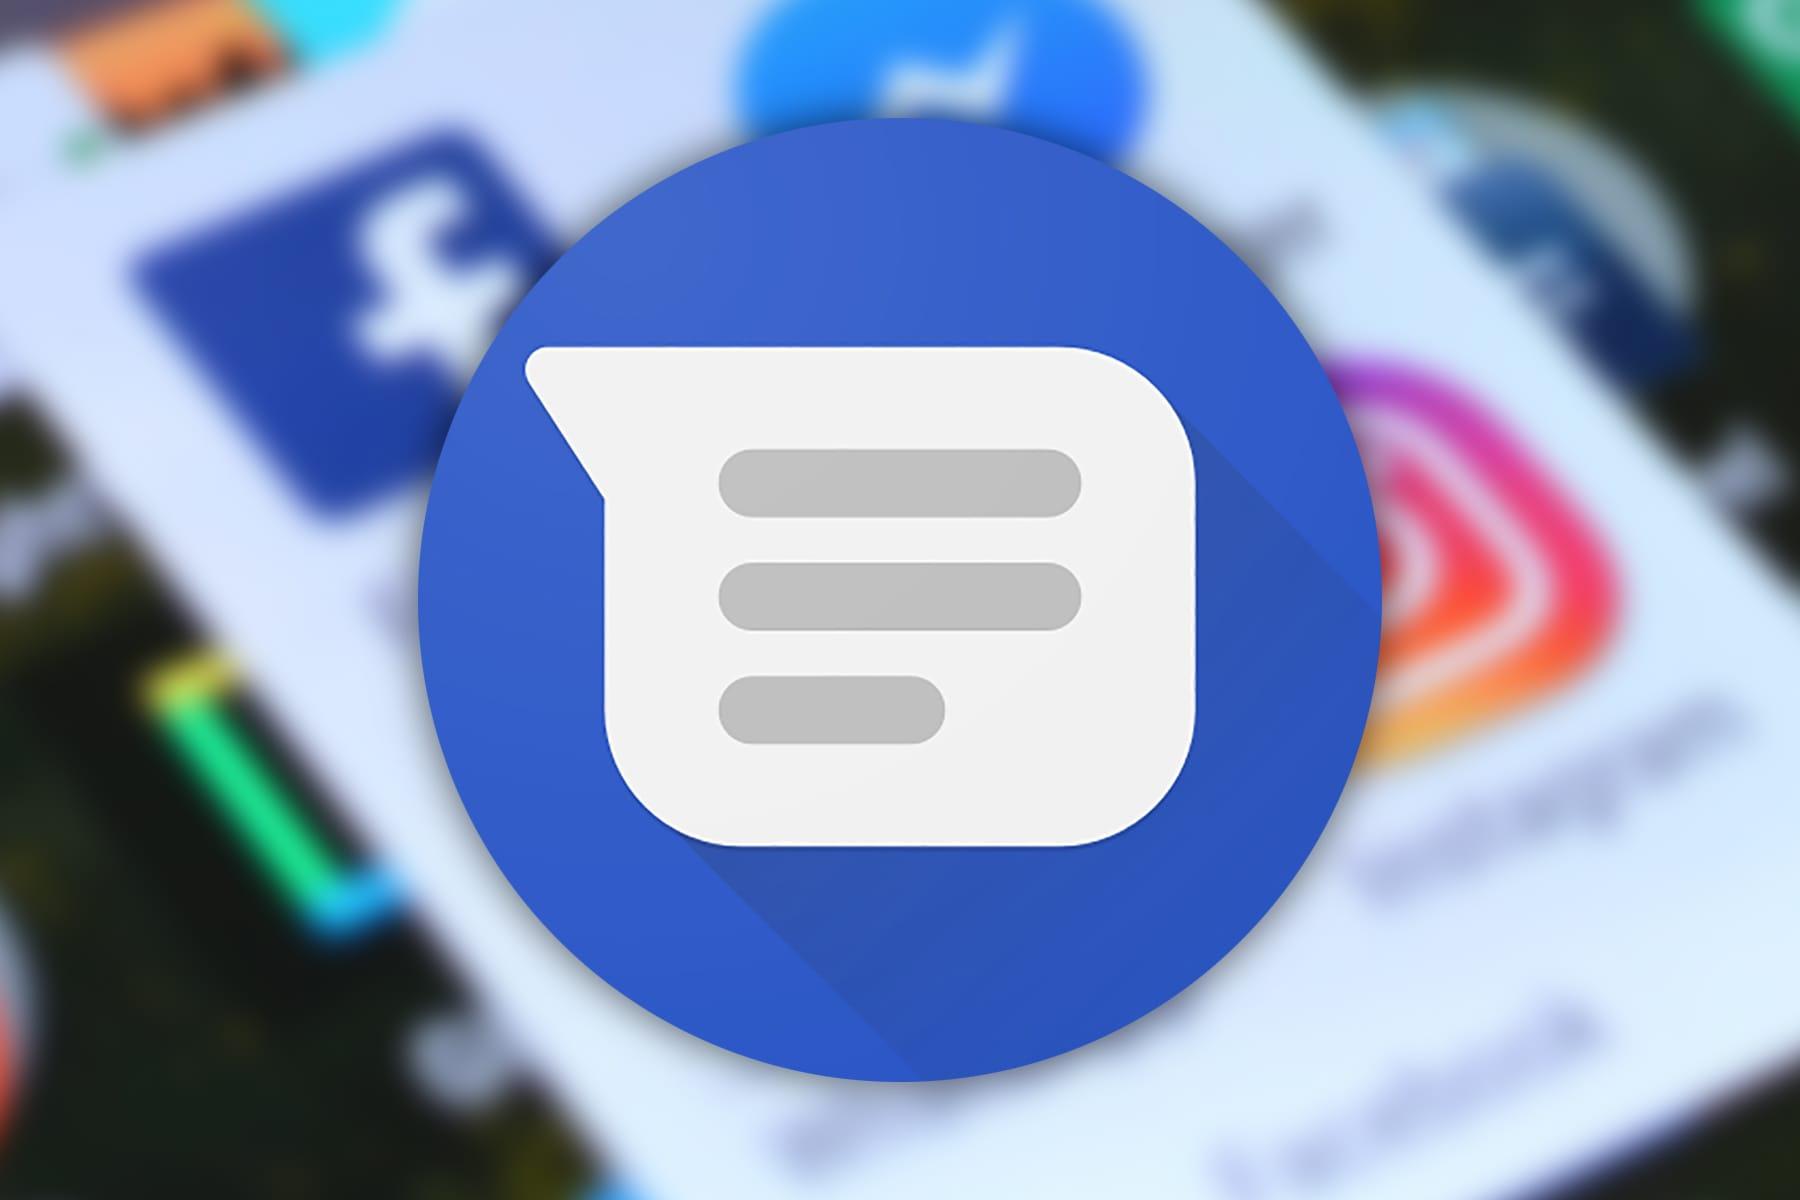 Андроид Chat будет составлять конкуренцию популярным мессенджерам